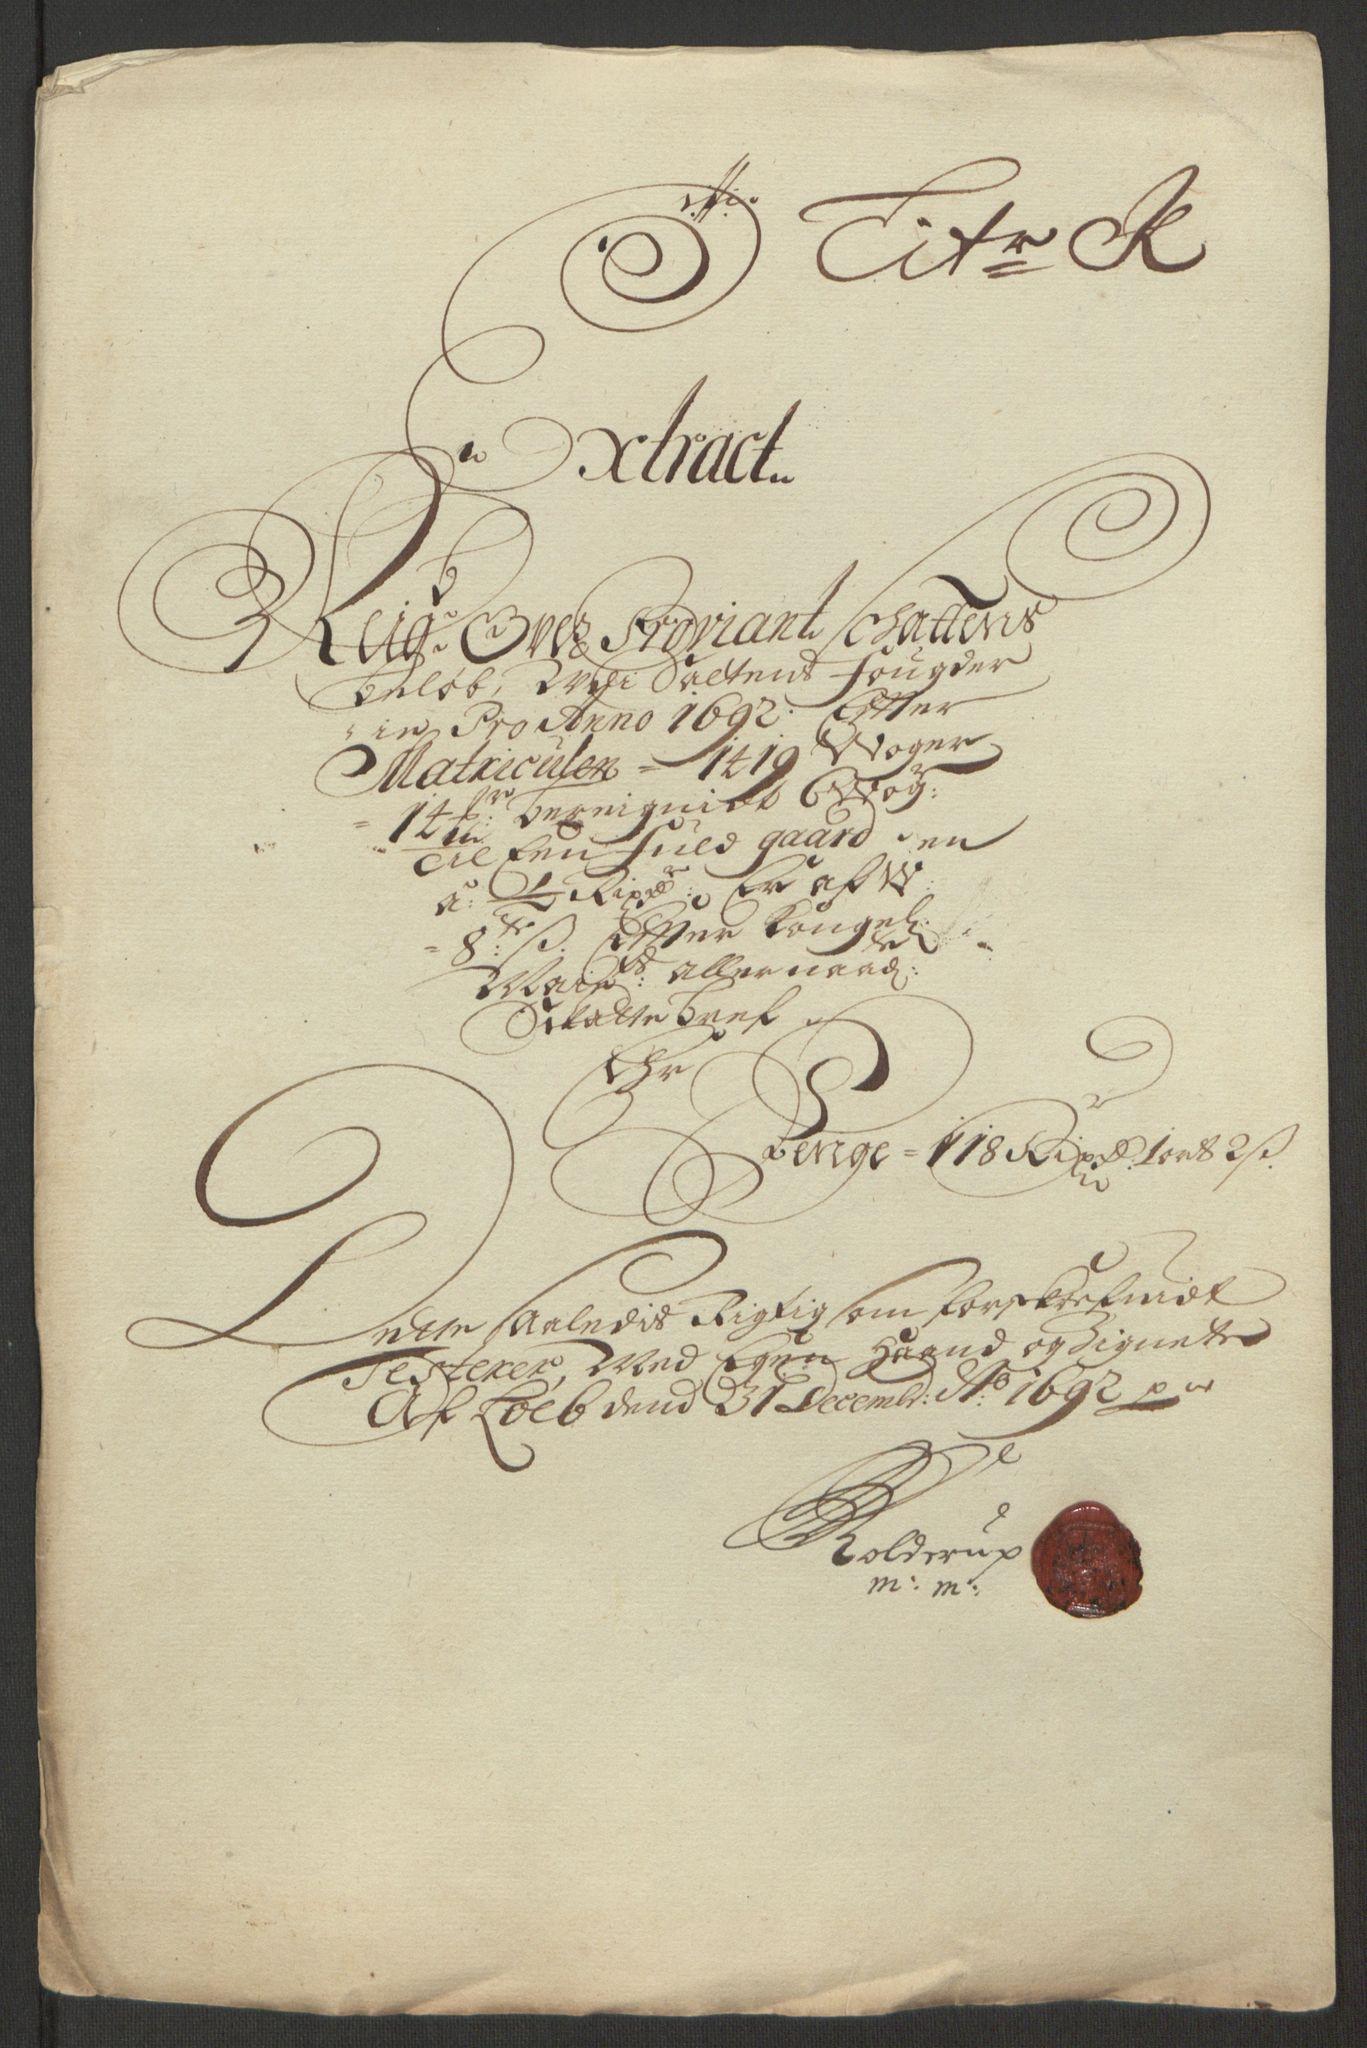 RA, Rentekammeret inntil 1814, Reviderte regnskaper, Fogderegnskap, R66/L4577: Fogderegnskap Salten, 1691-1693, s. 230